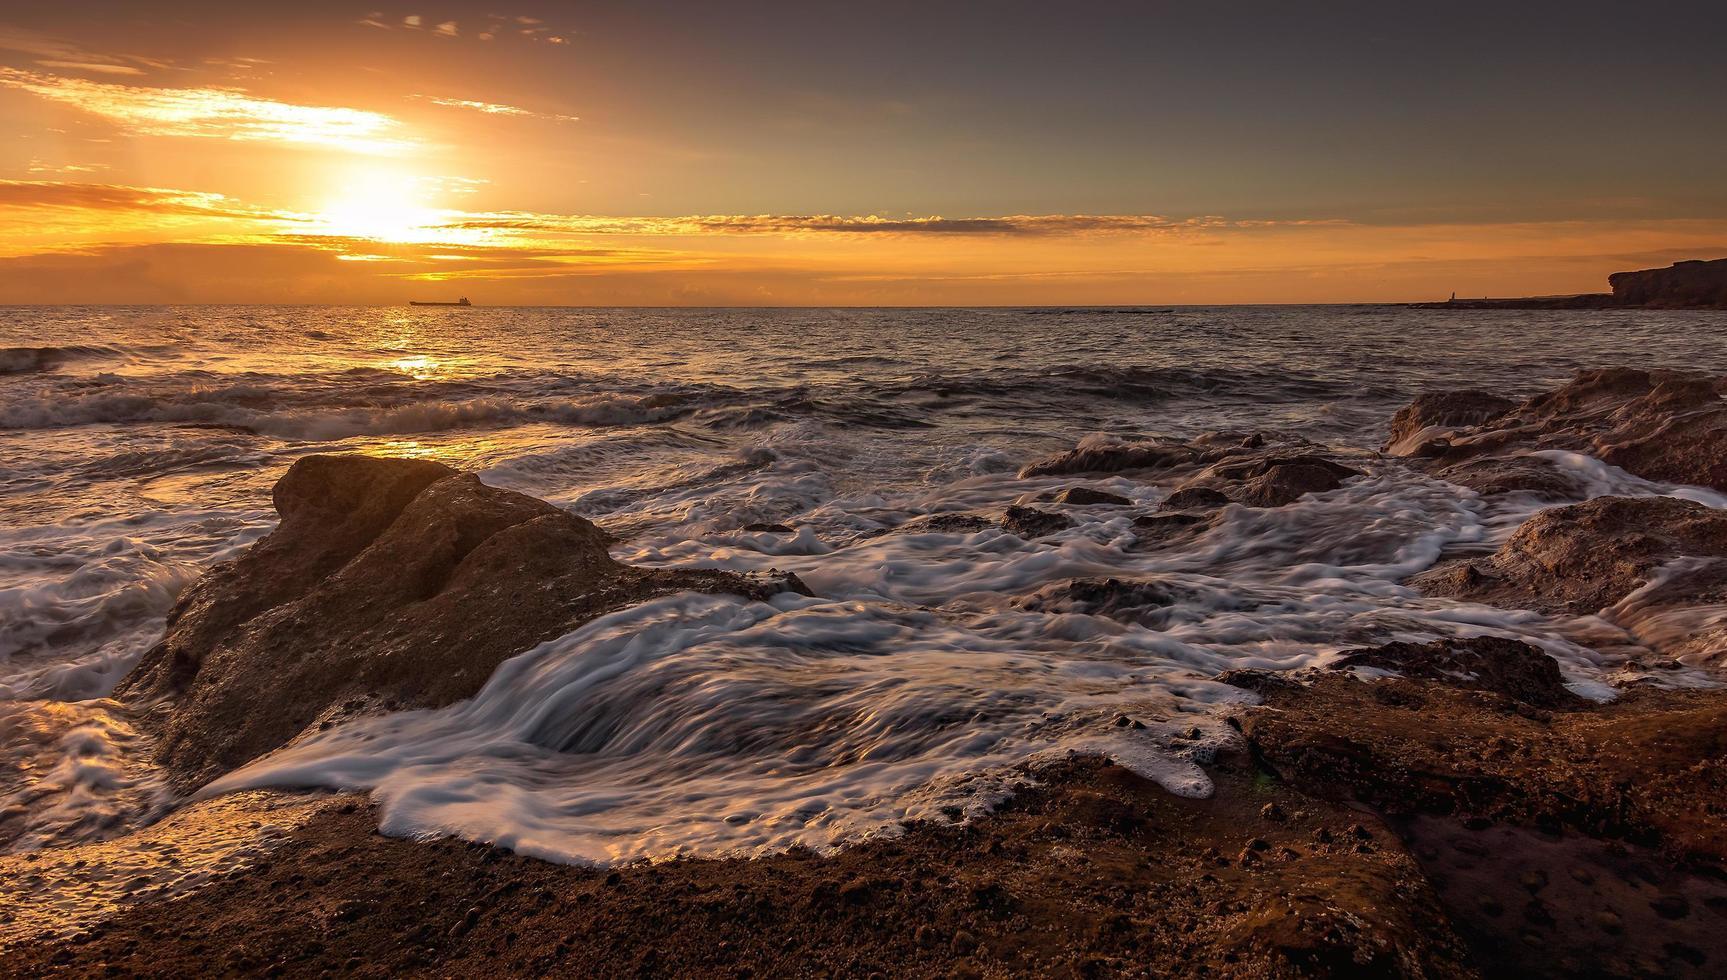 vagues se brisant sur le rivage pendant le coucher du soleil photo